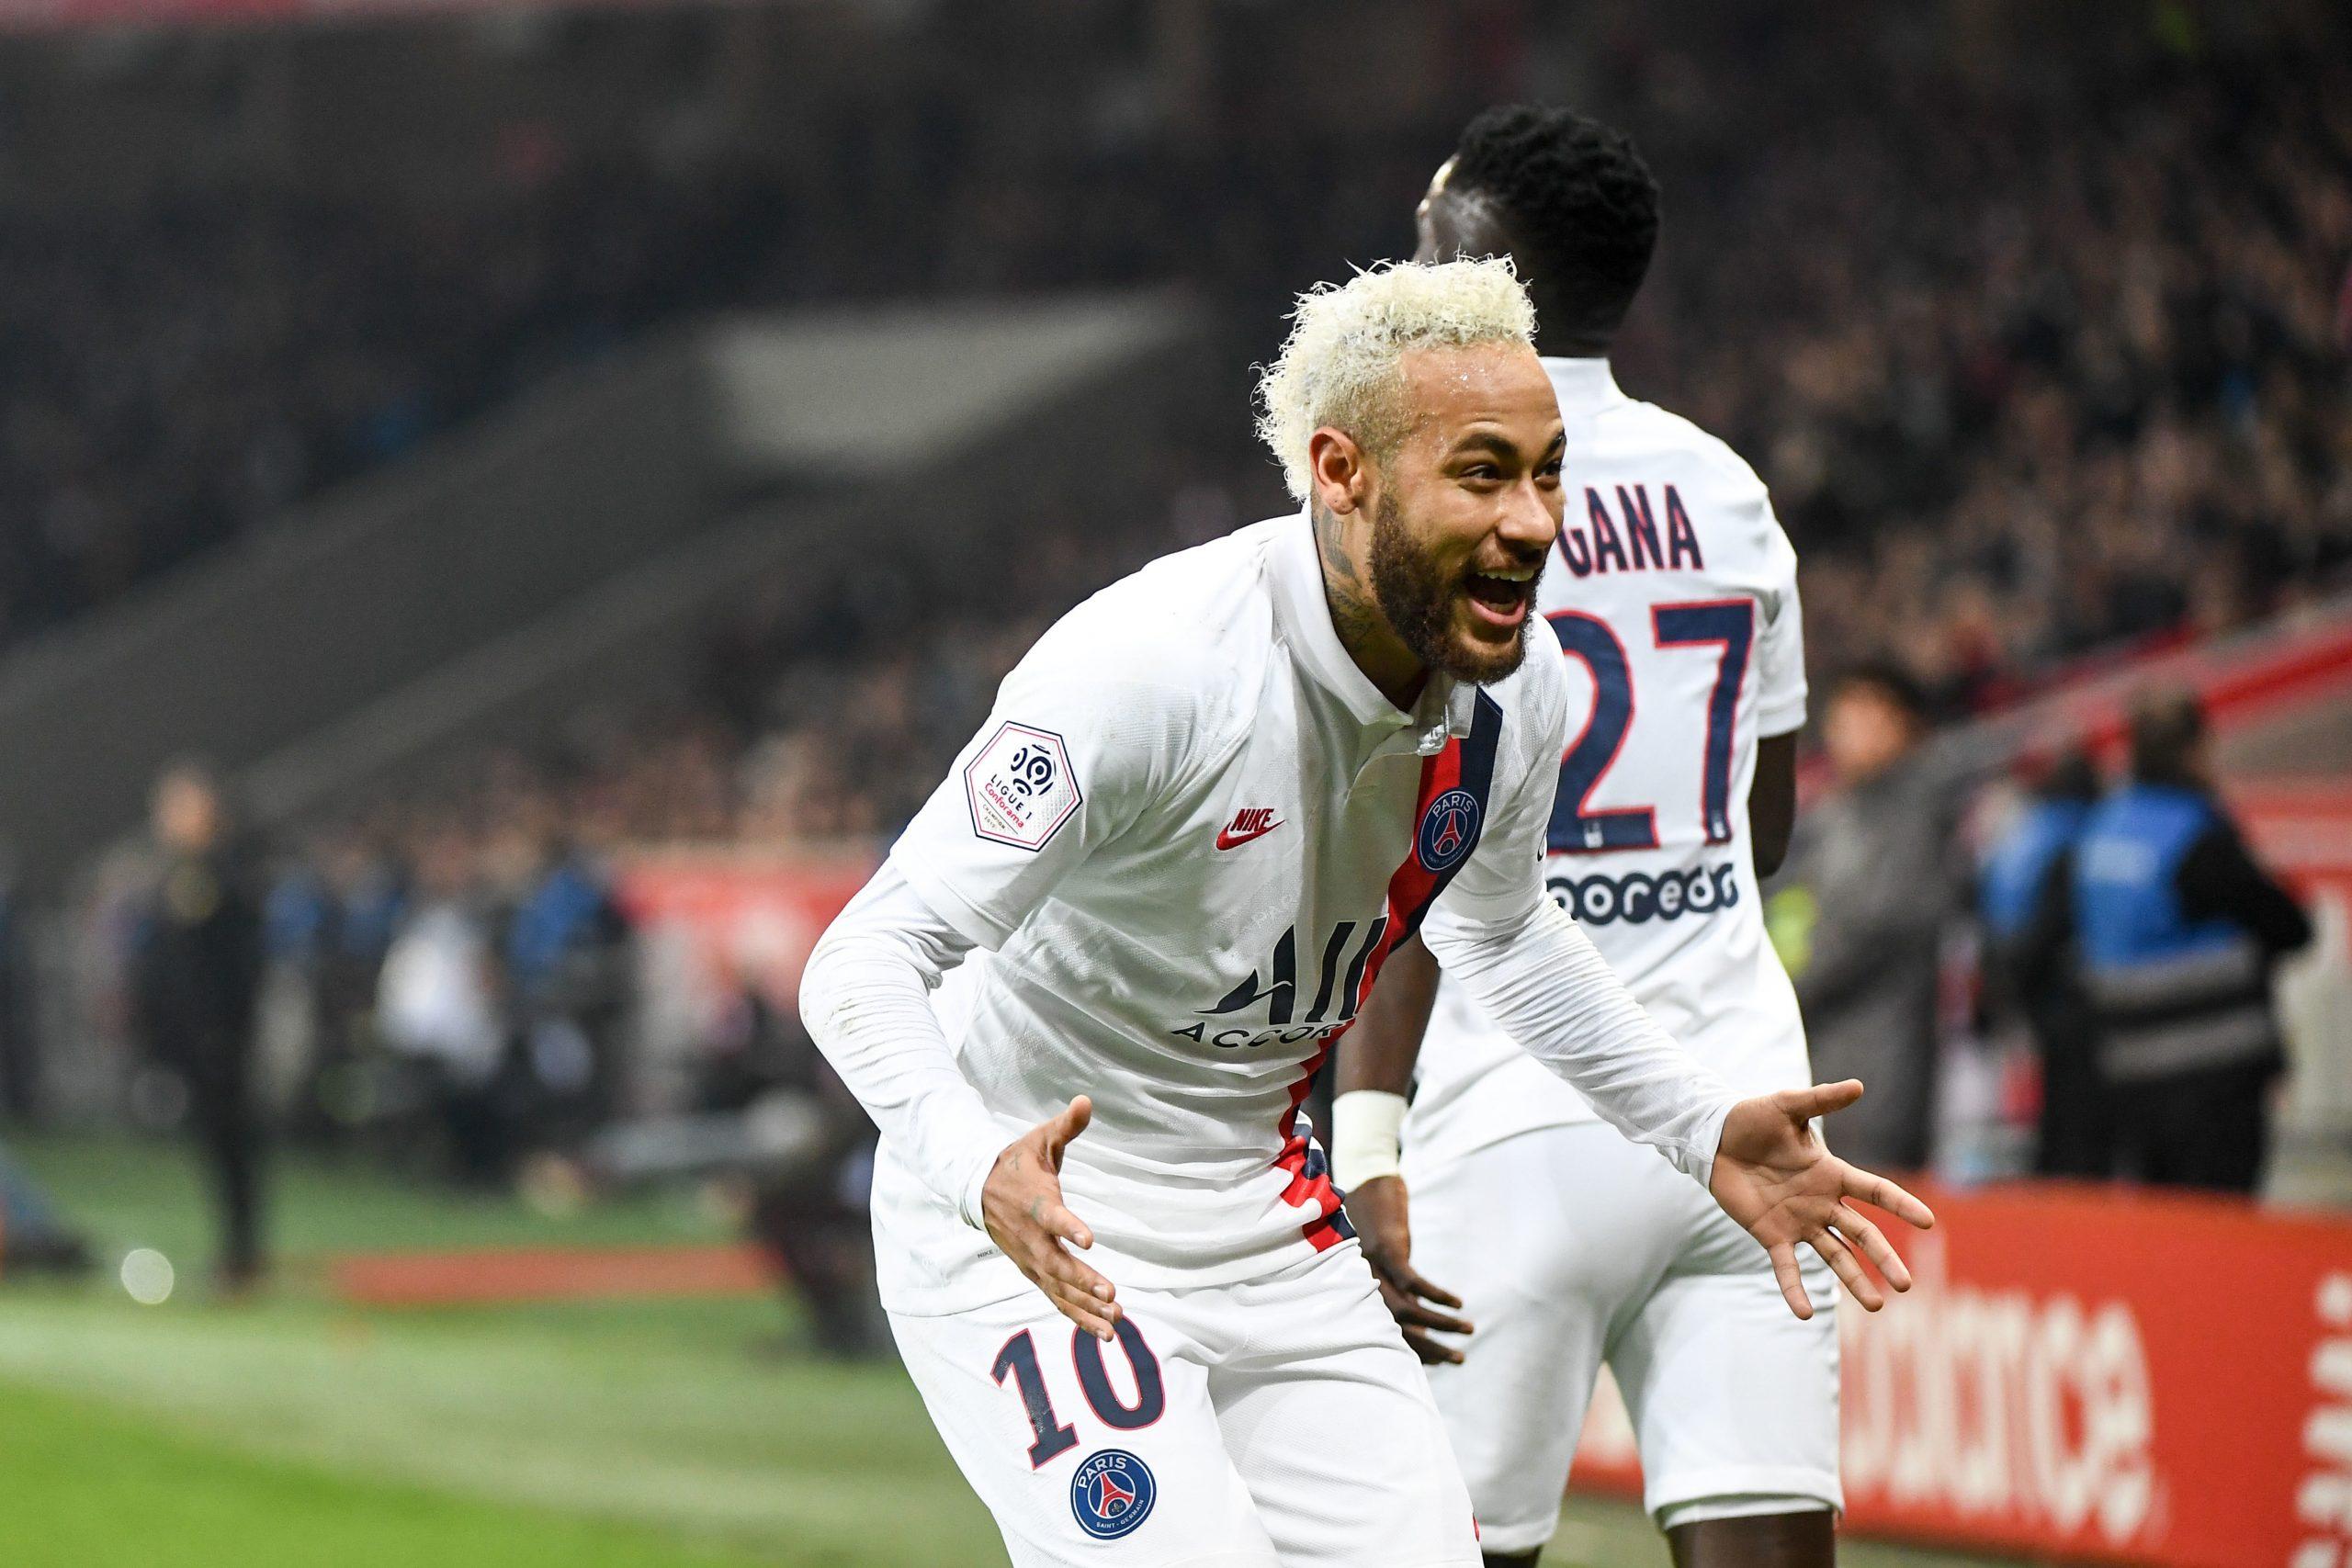 La plainte pour homophobie à l'encontre de Neymar a été rejetée